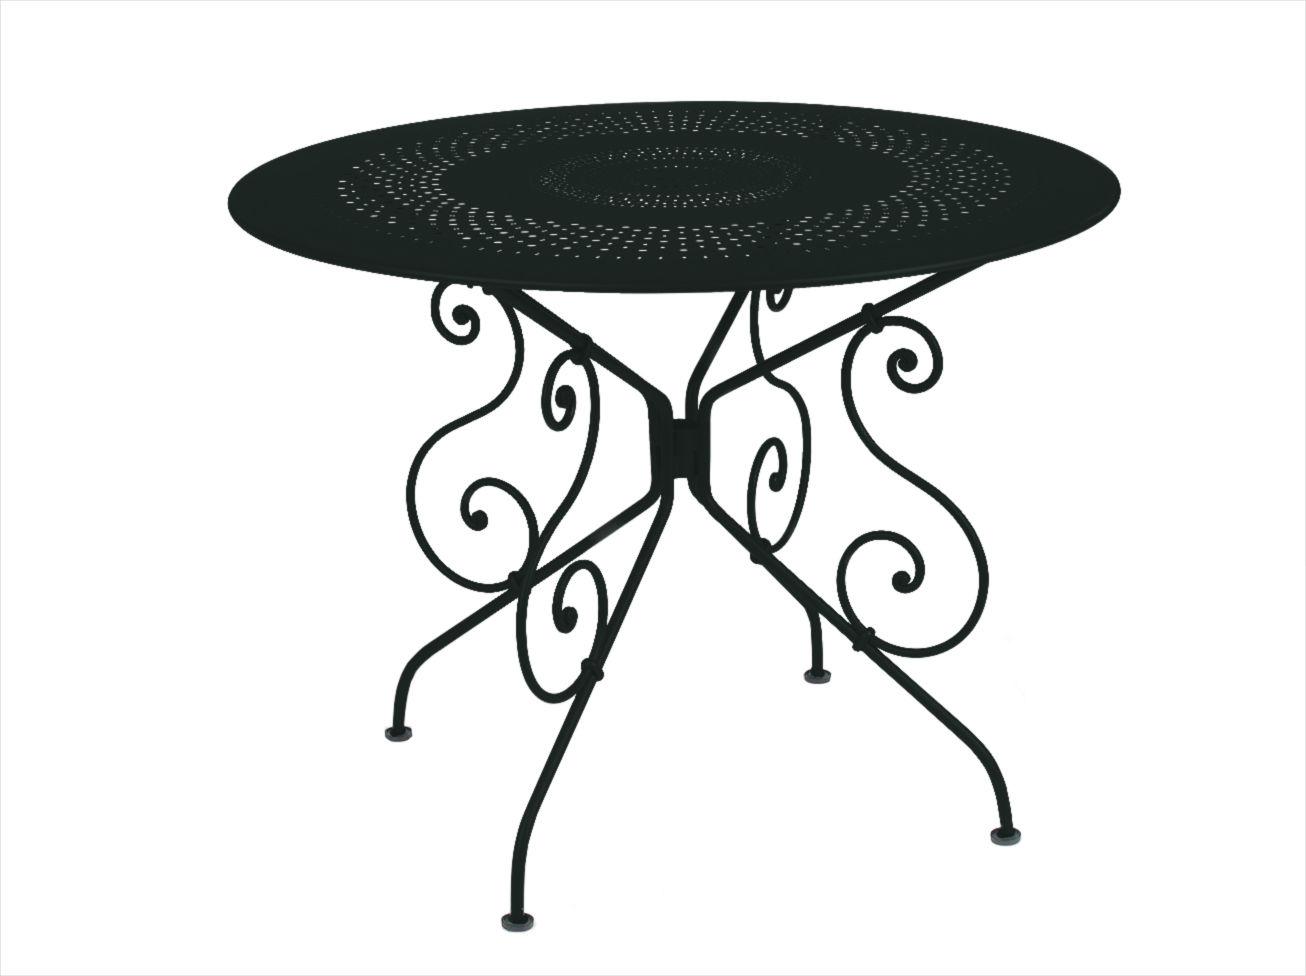 Outdoor - Tavoli  - Tavolo rotondo 1900 - Ø 96 cm - Con foro per ombrellone di Fermob - Liquerizia - Acciaio